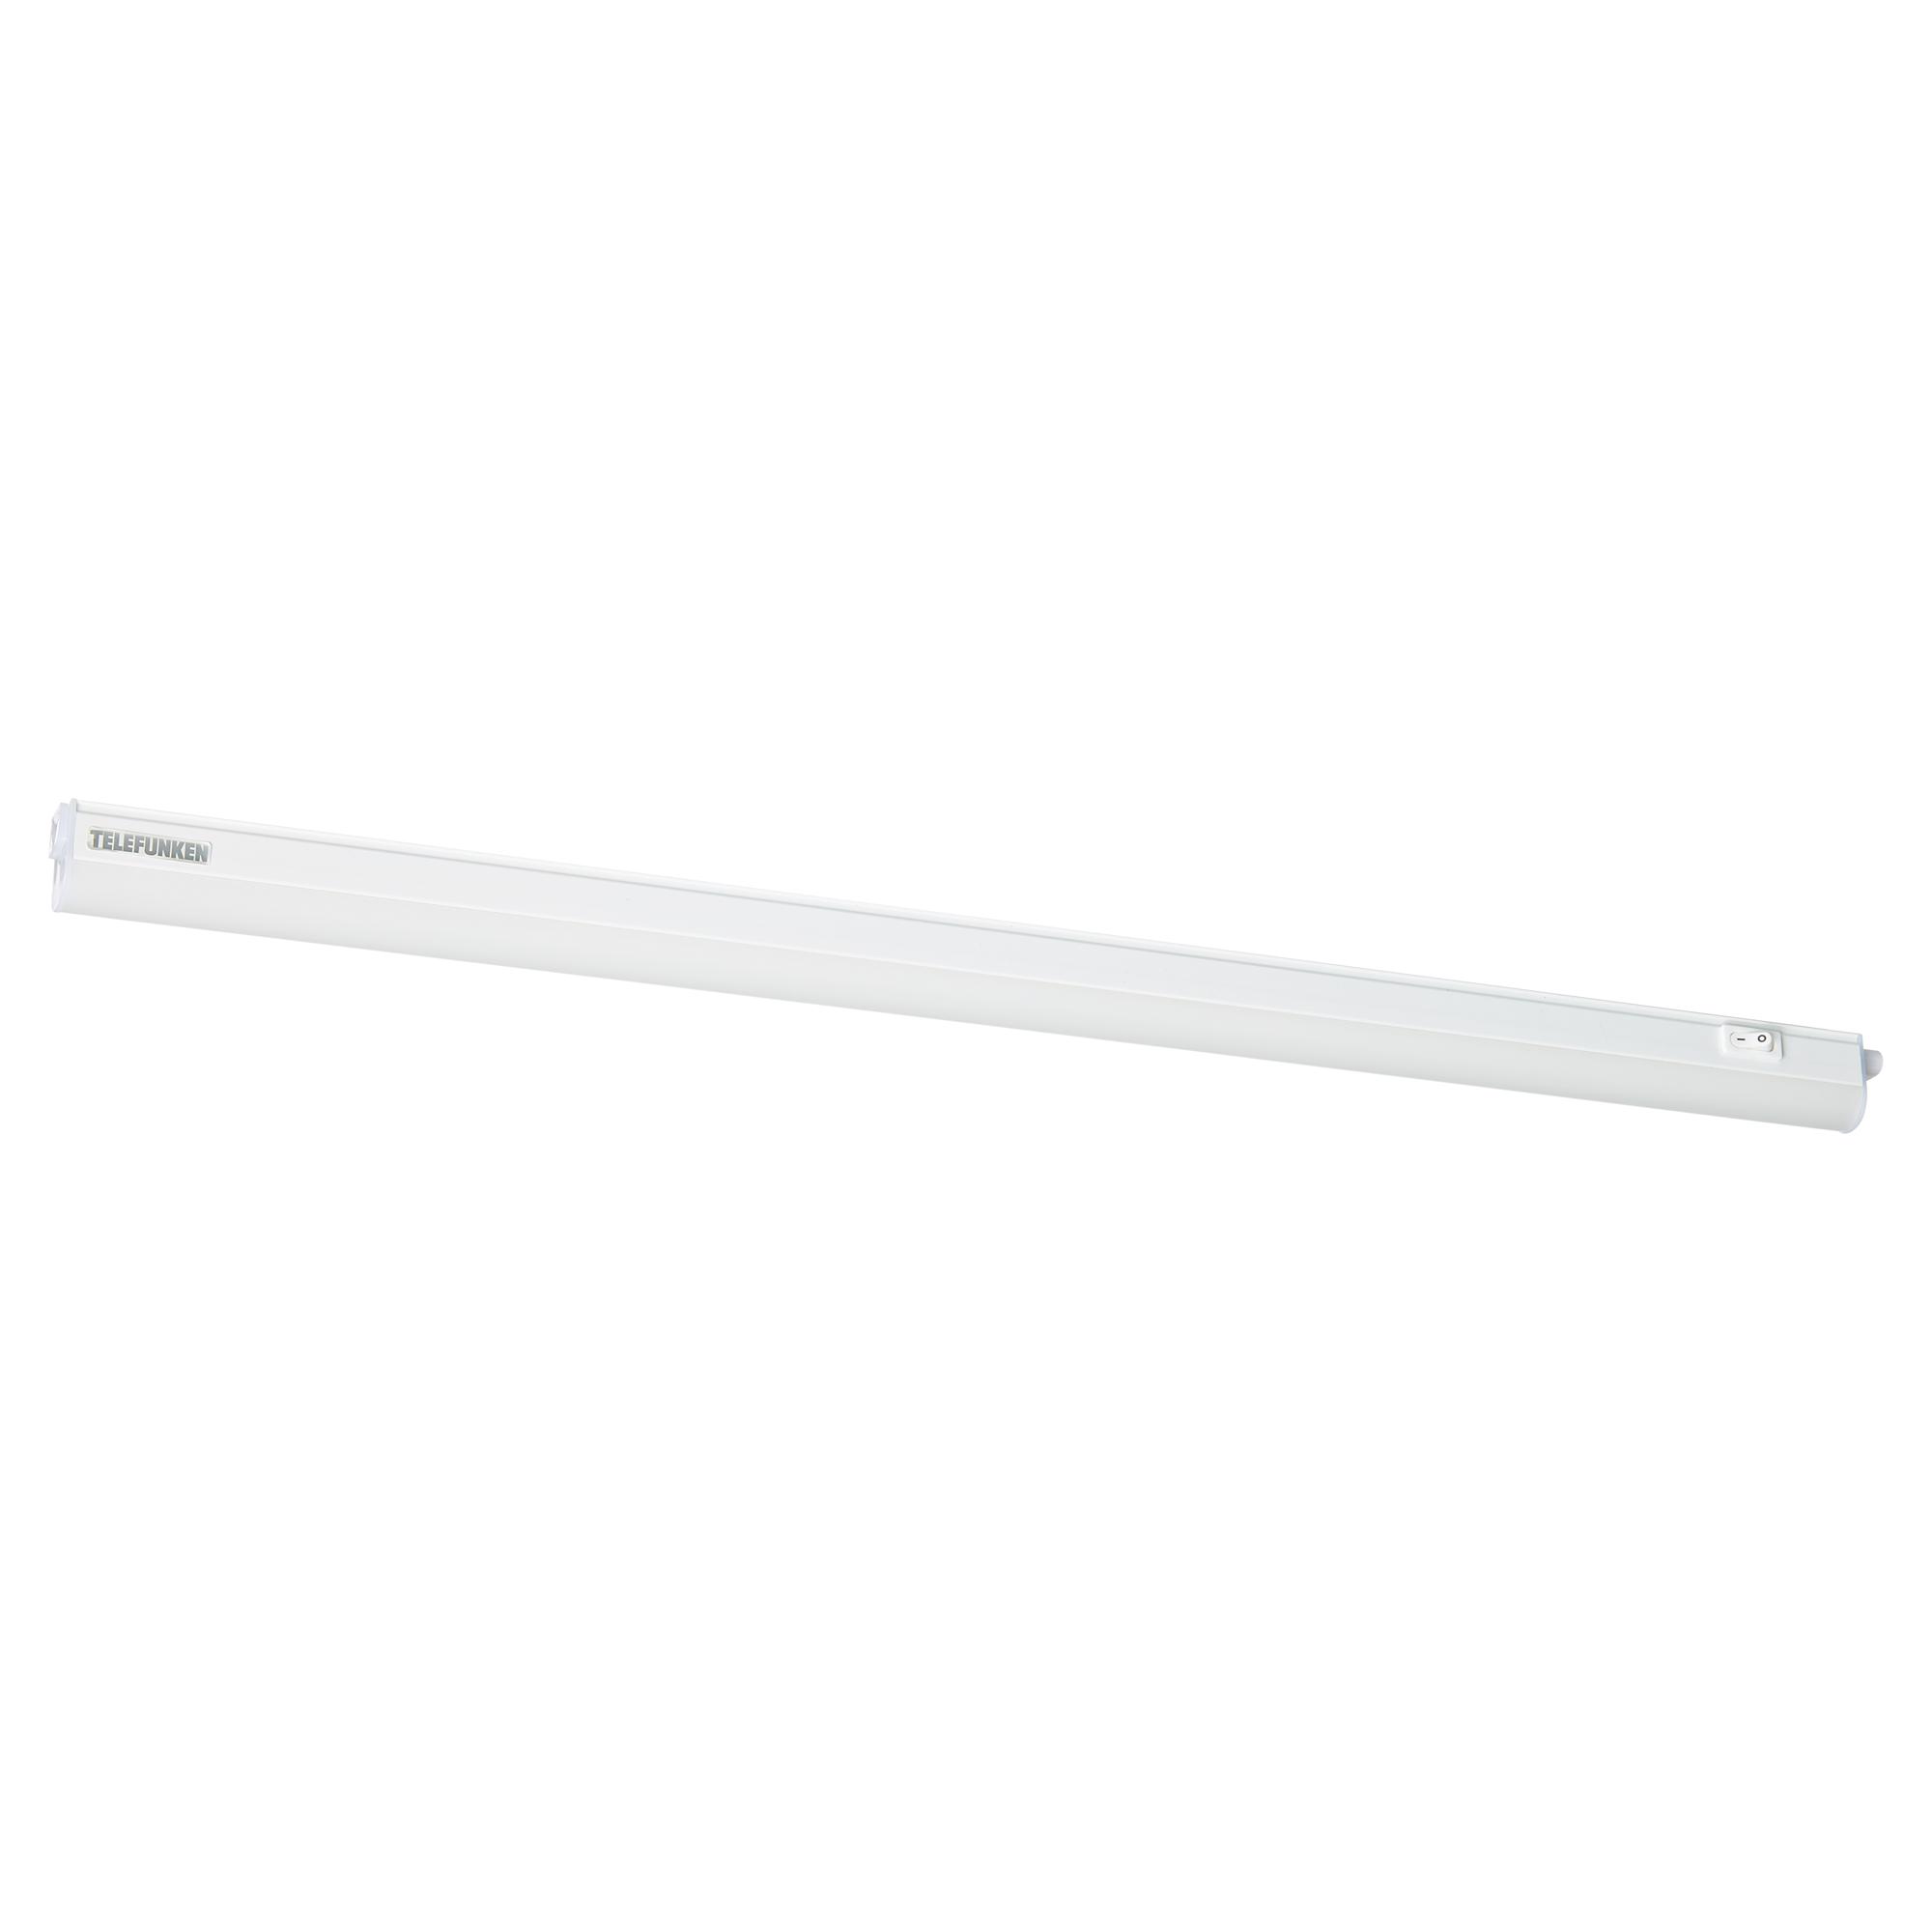 LED Unterbauleuchte Wei 8 W 573 X 22 X 3 Cm Toom Baumarkt